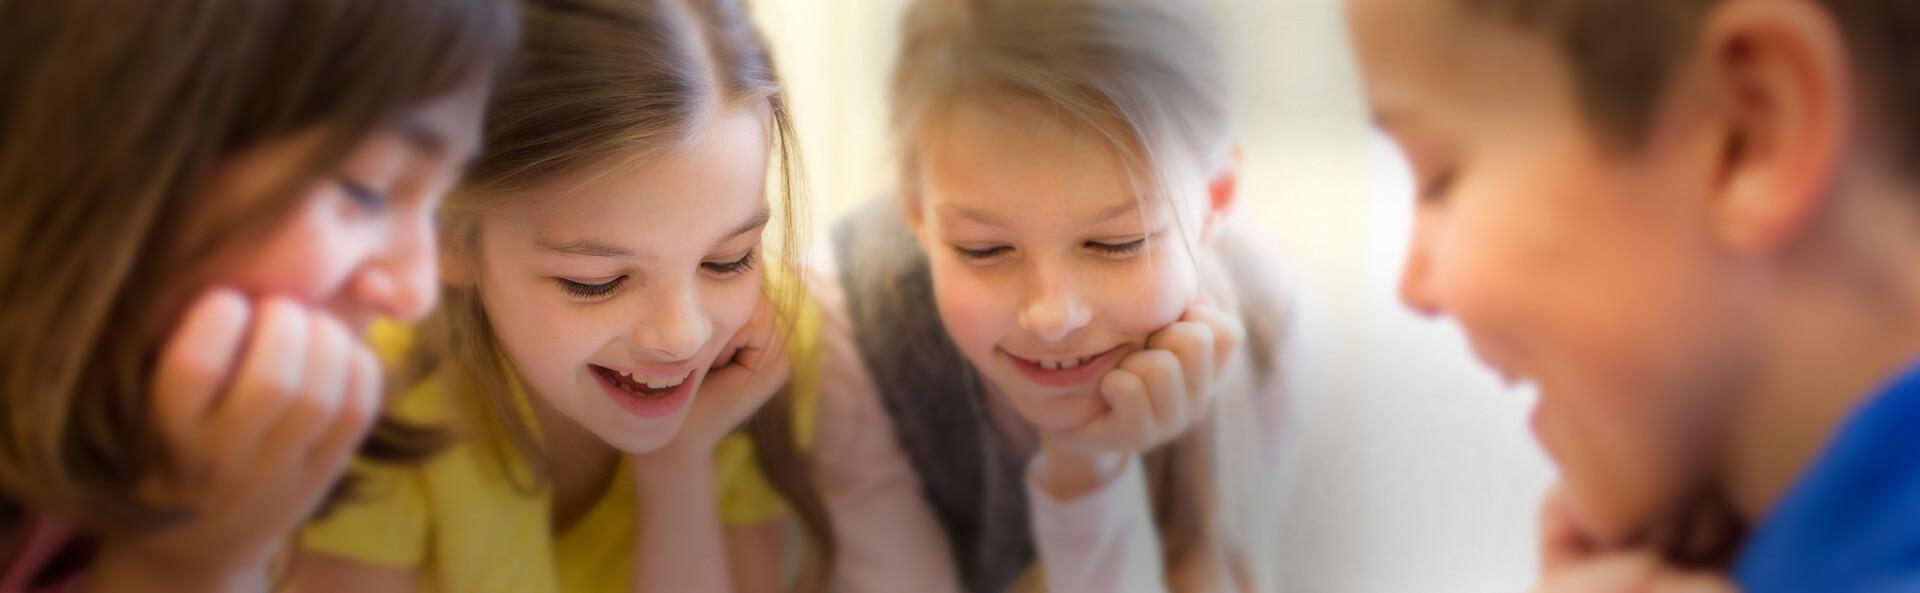 Gry, zabawy edukacyjne ieksperymenty dla dzieci